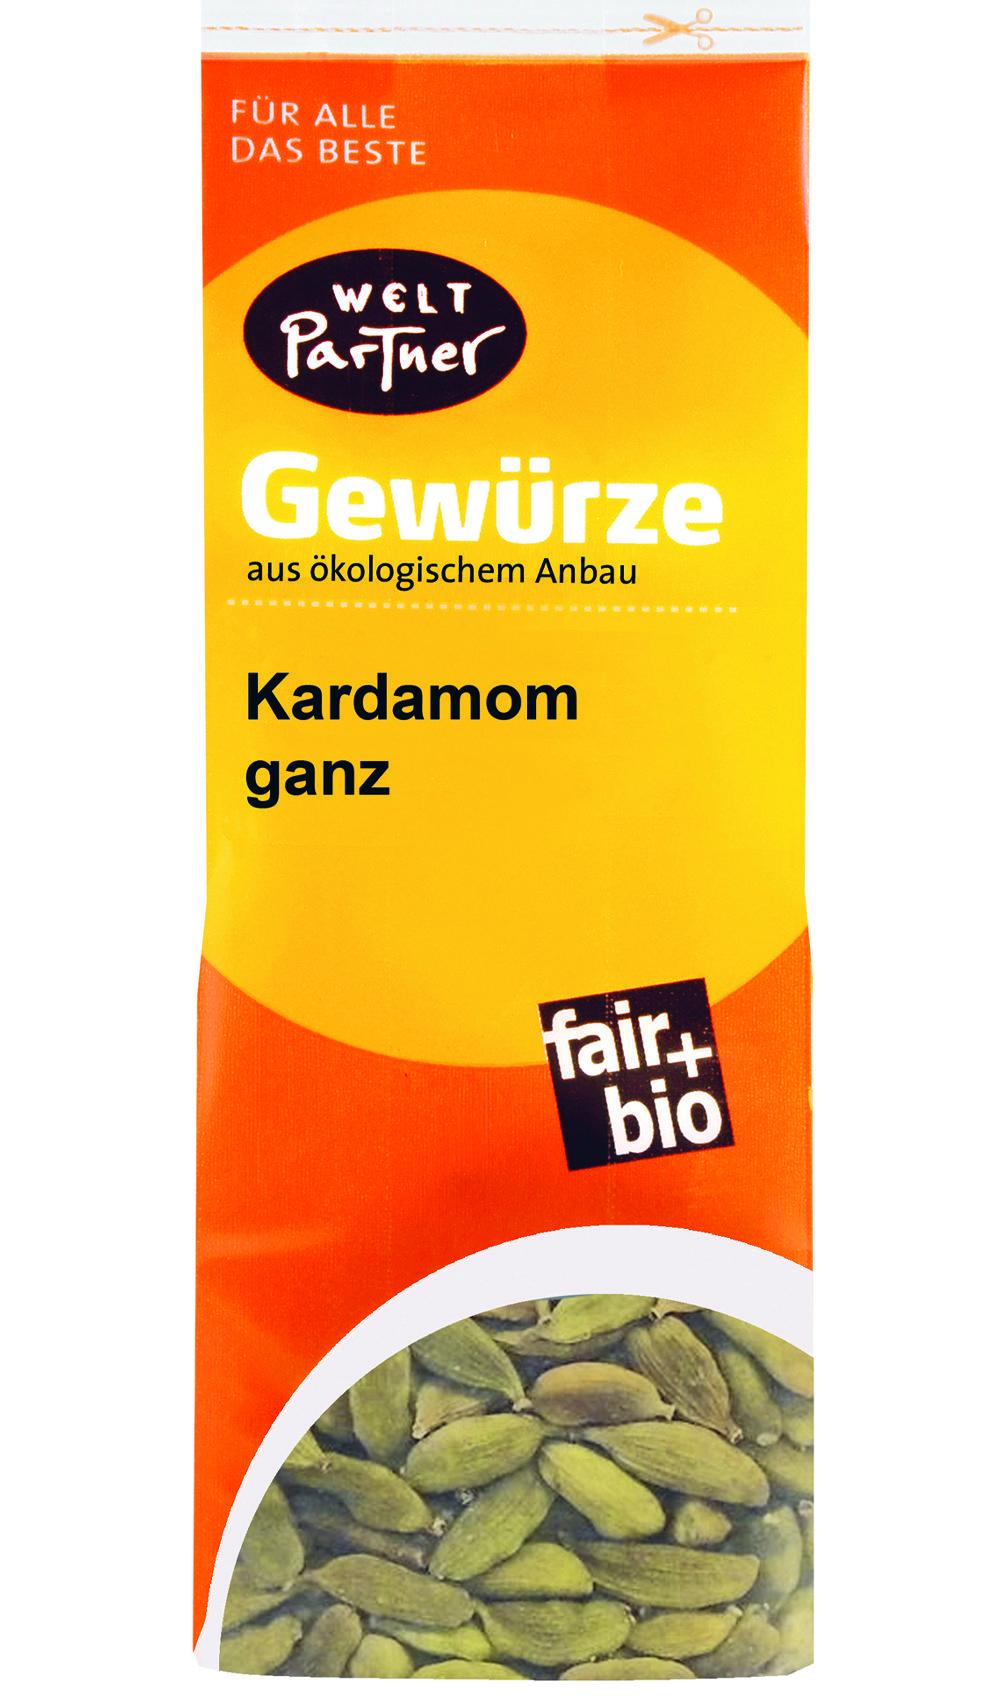 Kardamom Ganz Bio Und Fair Trade Dieses Gewurz Ist Sehr Gesund Gehort In Viele Rezepte Und Hilft Beim Abnehmen In Kapseln Bio Kardamom Vegetarische Rezepte